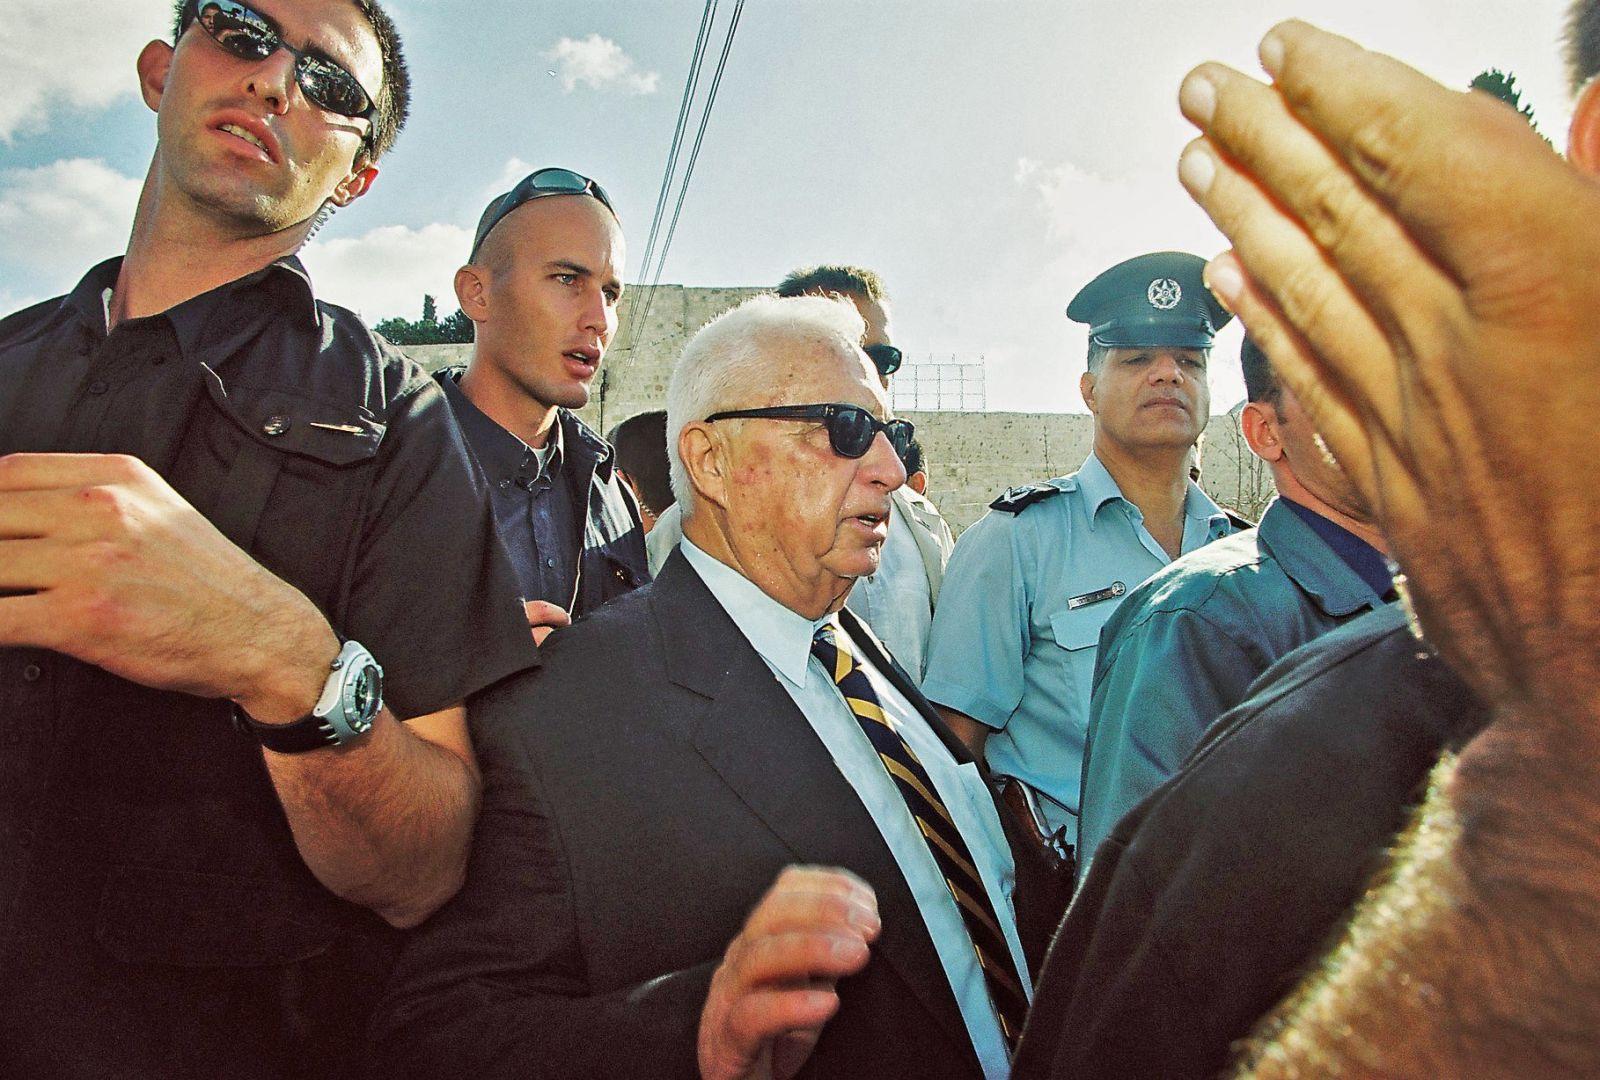 """יו""""ר האופוזיציה אריאל שרון מבקר בהר-הבית בירושלים, 28.9.2000 (צילום: פלאש 90)"""